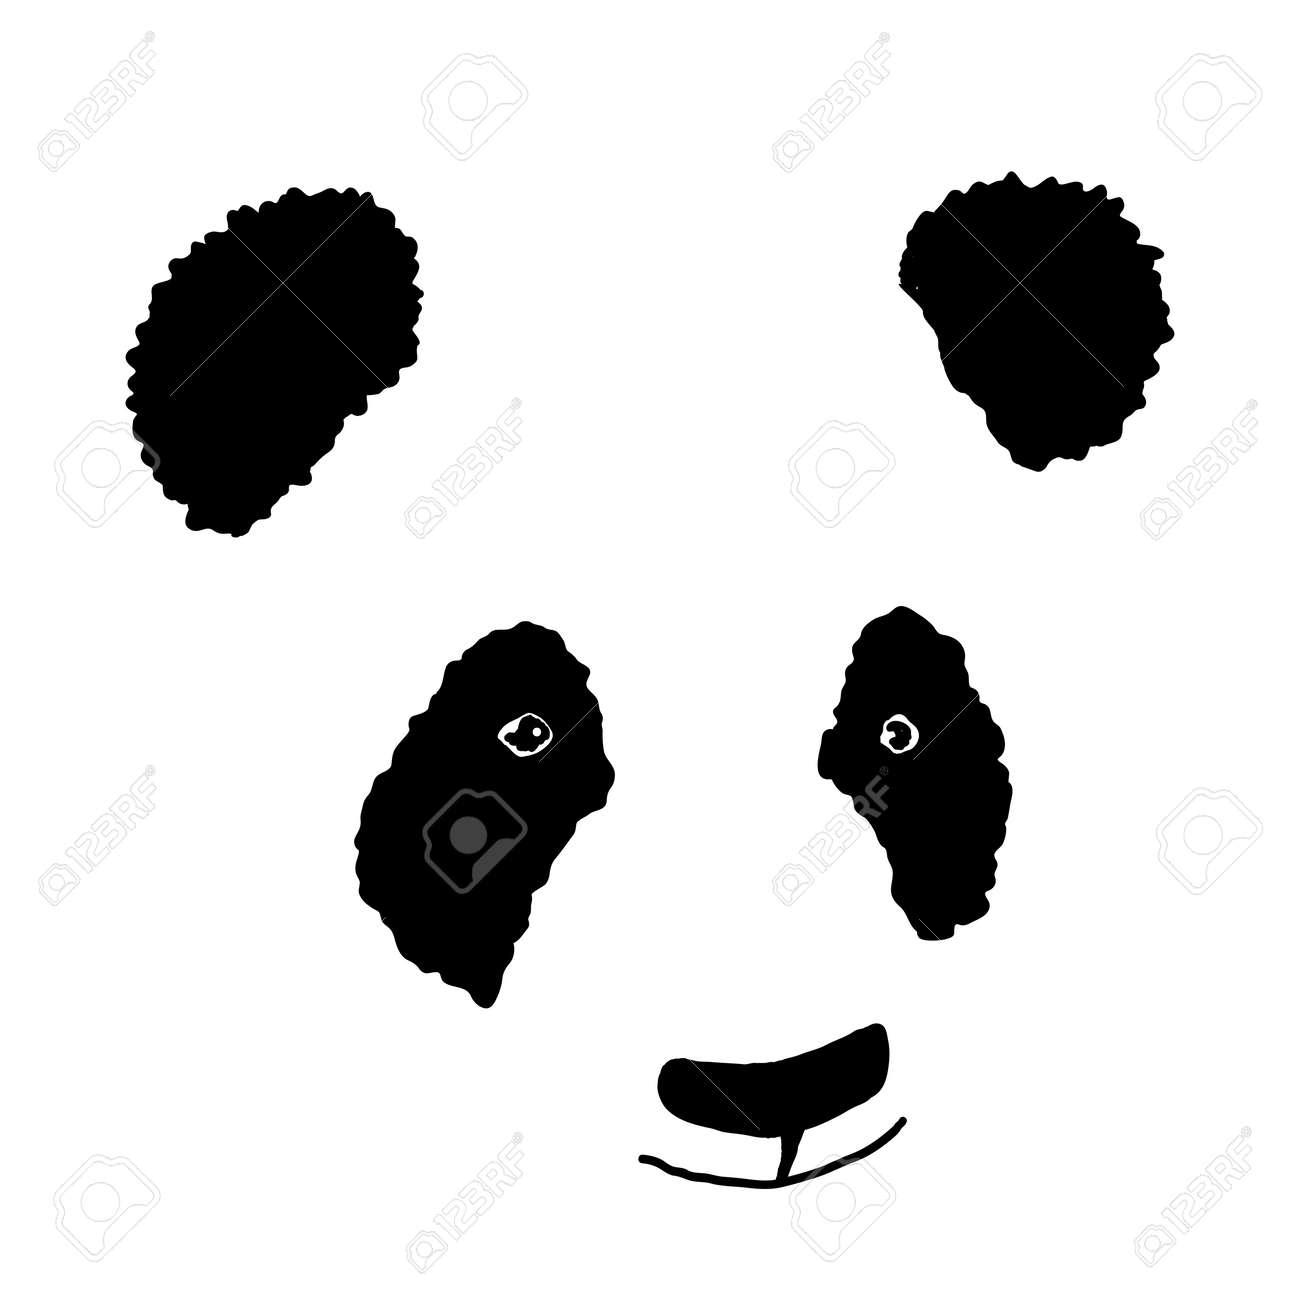 簡単な手描きのパンダ アイコンシルエットのイラスト素材ベクタ